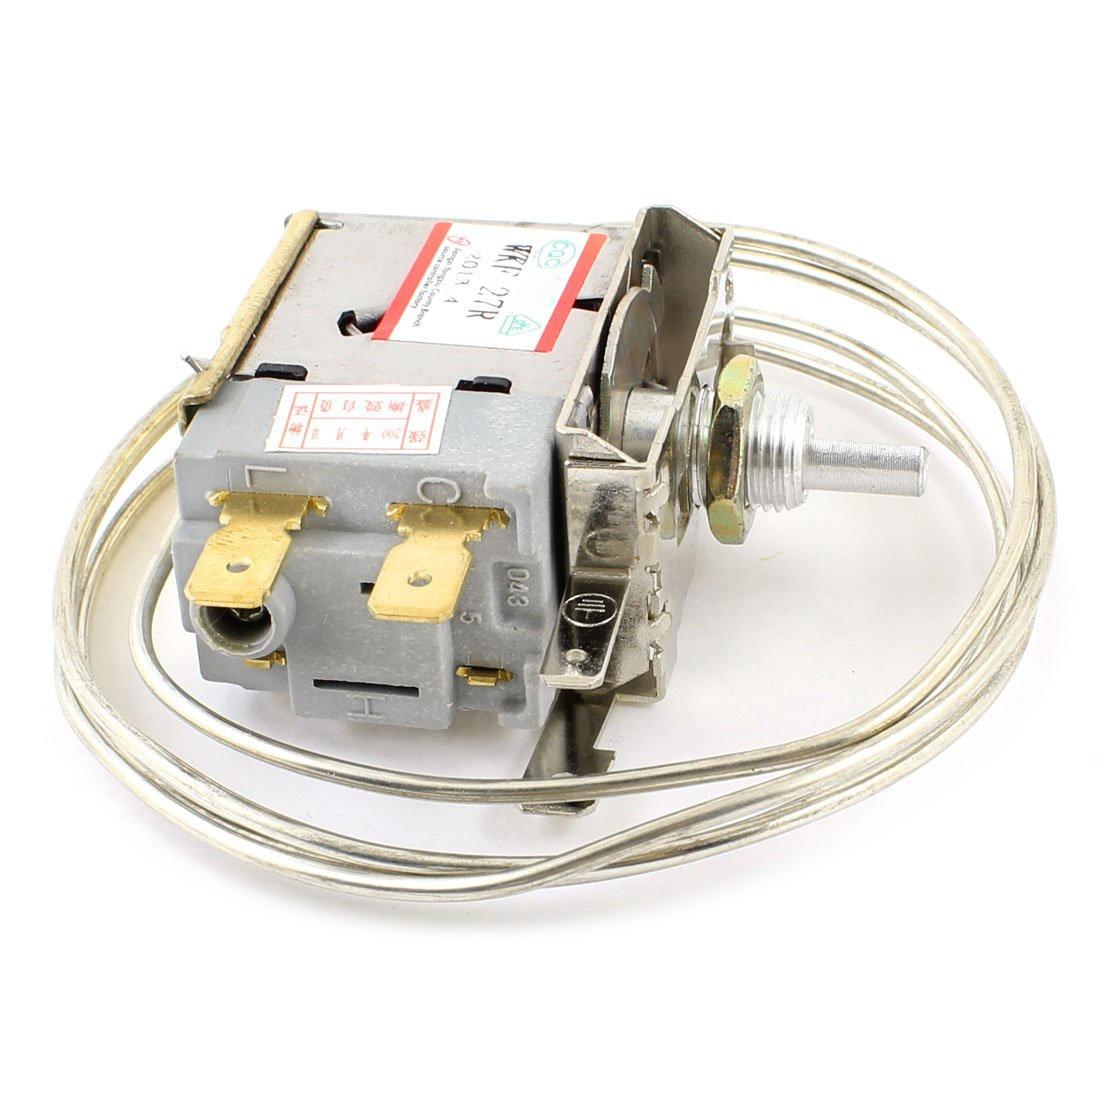 AC 250 В 6A 2 контактам морозильная камера Холодильник термостат WKF27R холодильник части